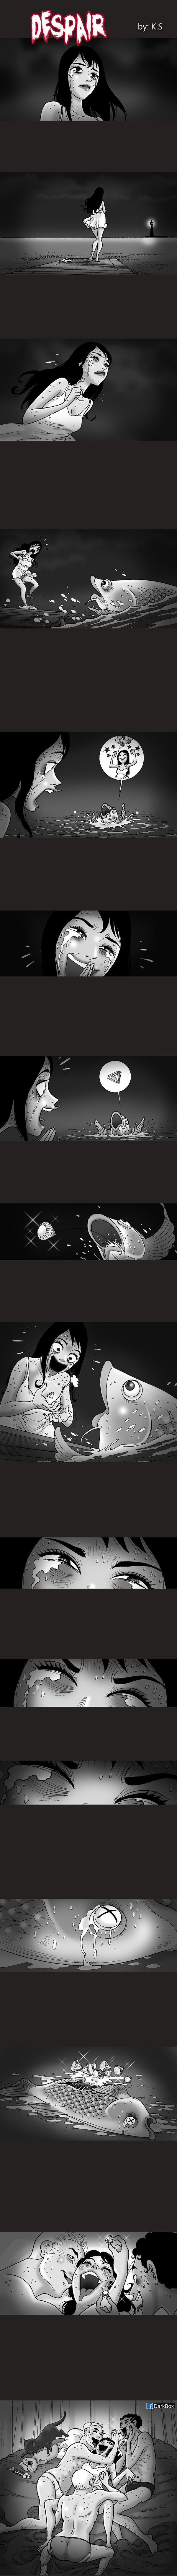 Отчаяние Silent horror, Комиксы, Длиннопост